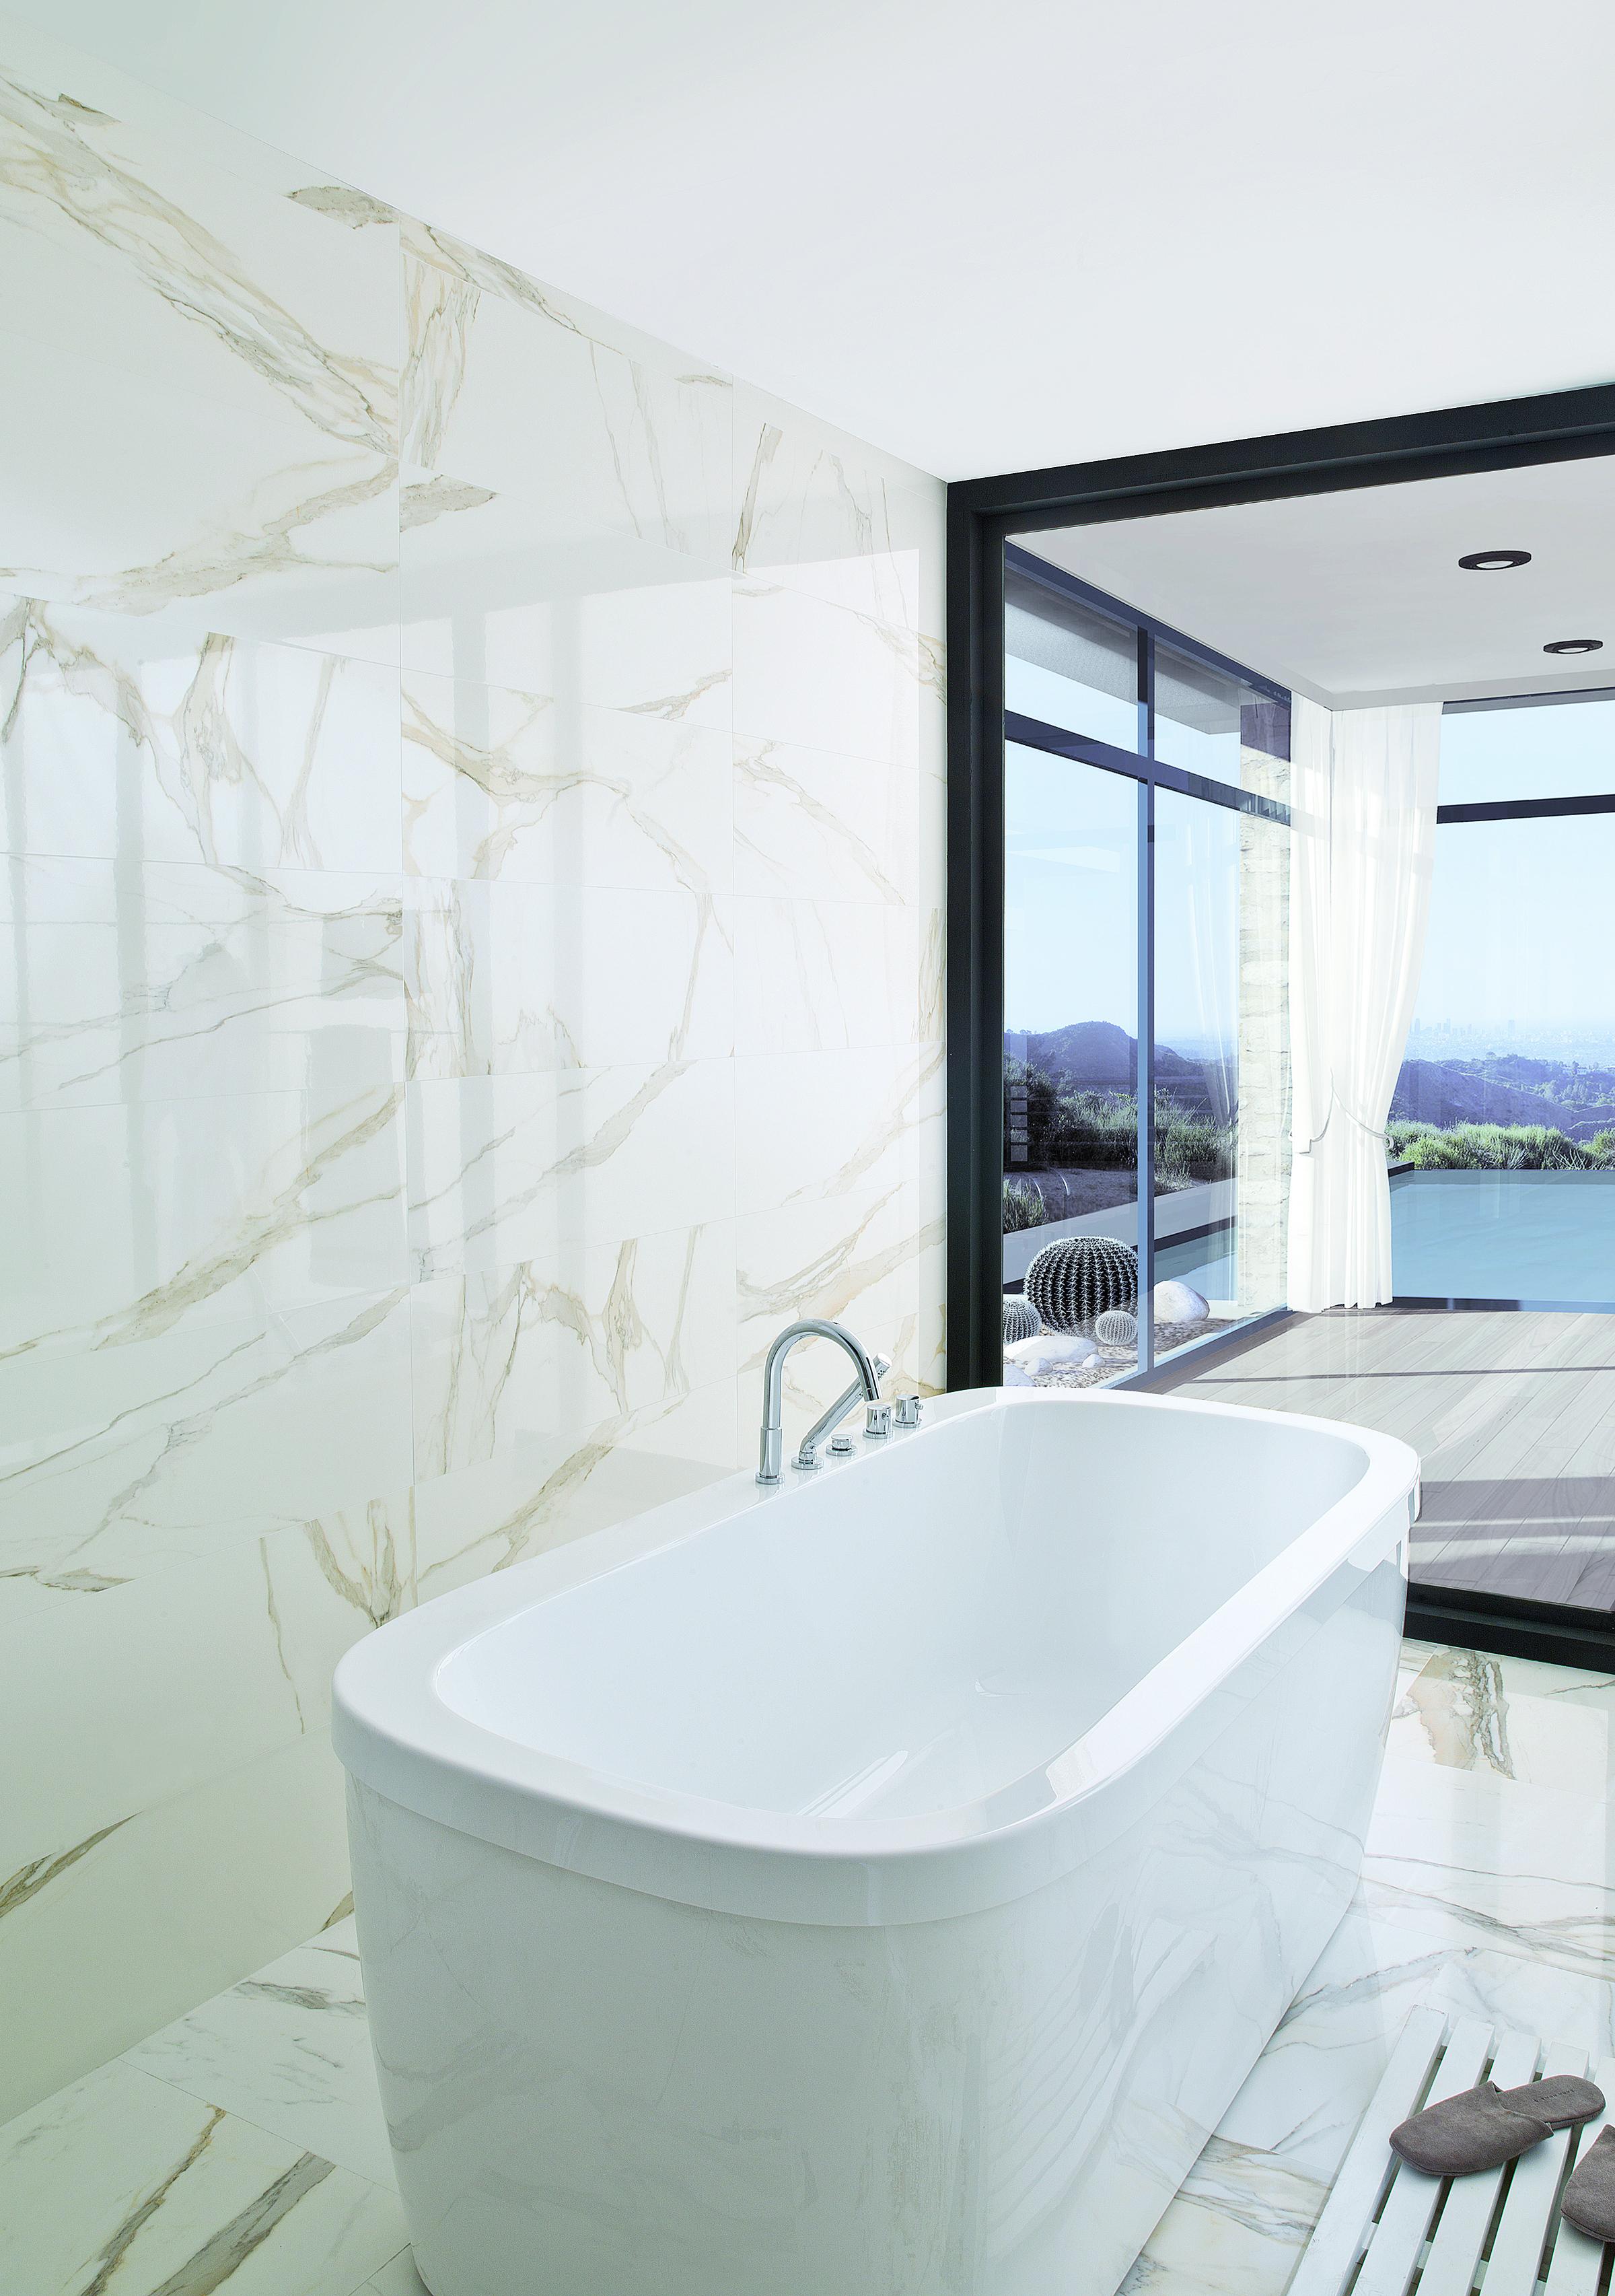 Tile of spain recreates marble - Salle de bain exterieur ...